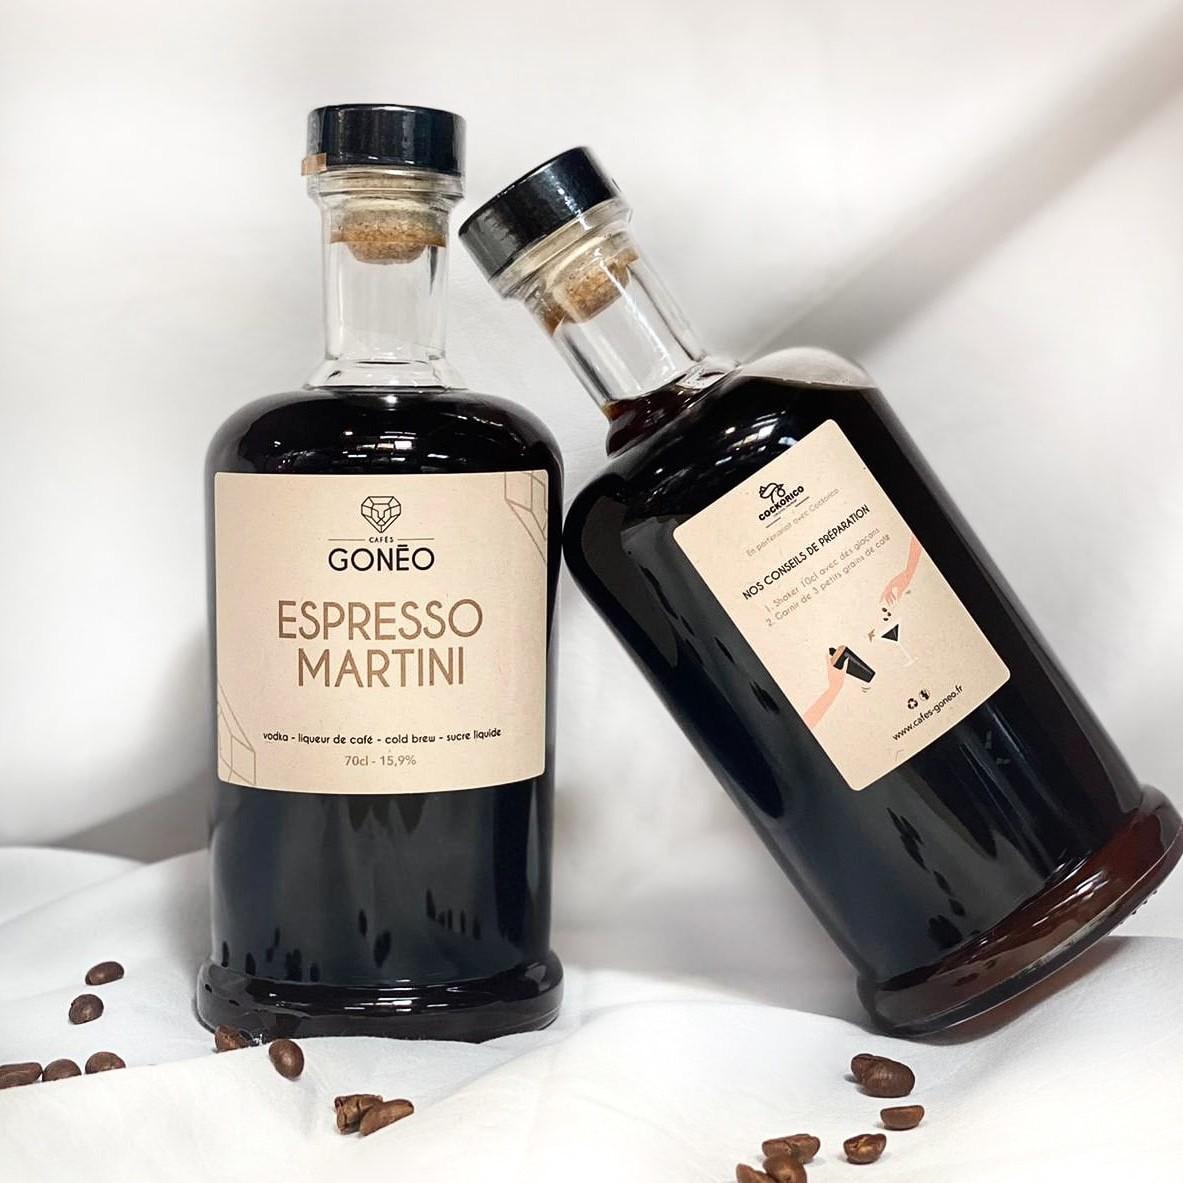 Fiche produit Espresso Martini-goneo